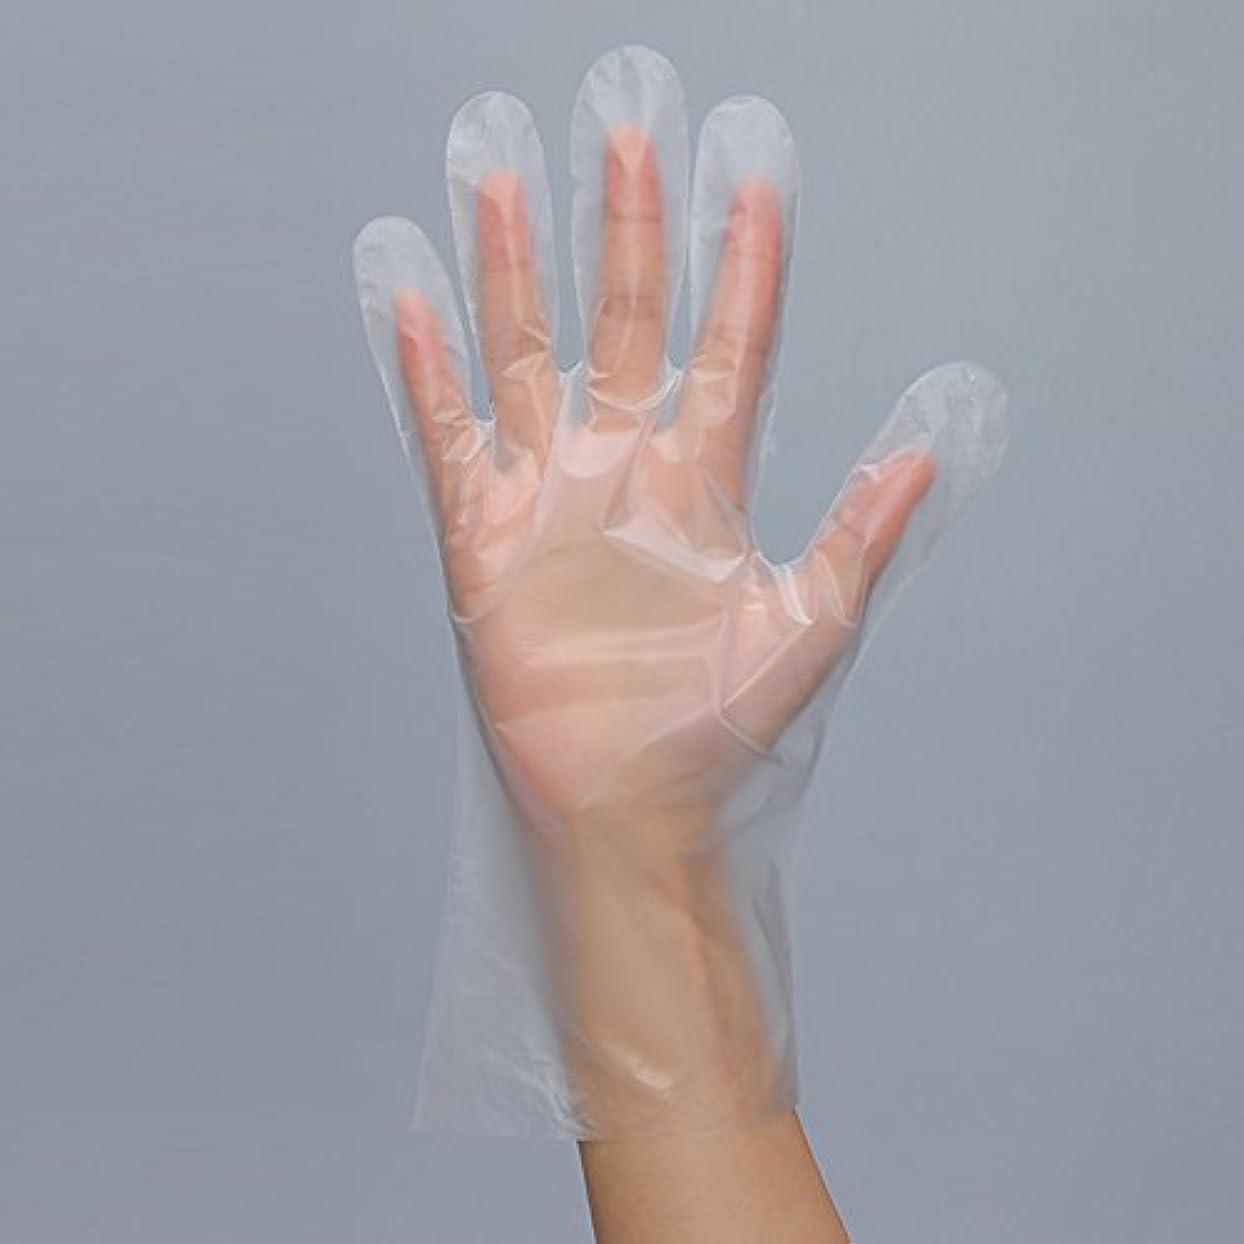 使い捨て手袋 透明 食事 キッチン 調理 美容用 衛生 20/100枚入  (100枚入(薄型))